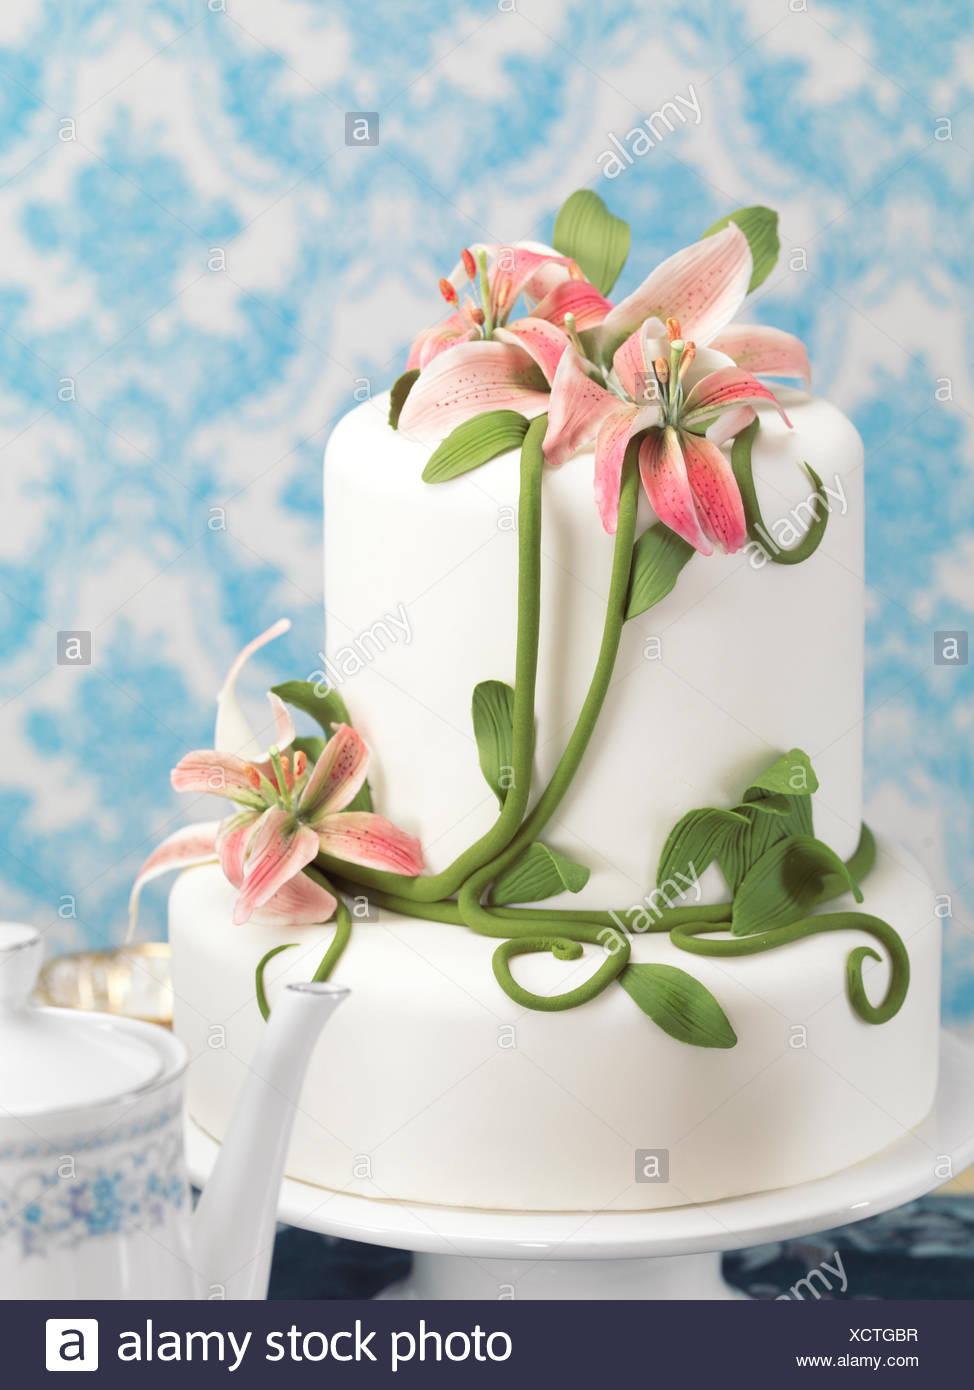 Torte Mit Lilien Verziert Stockfoto Bild 283281483 Alamy